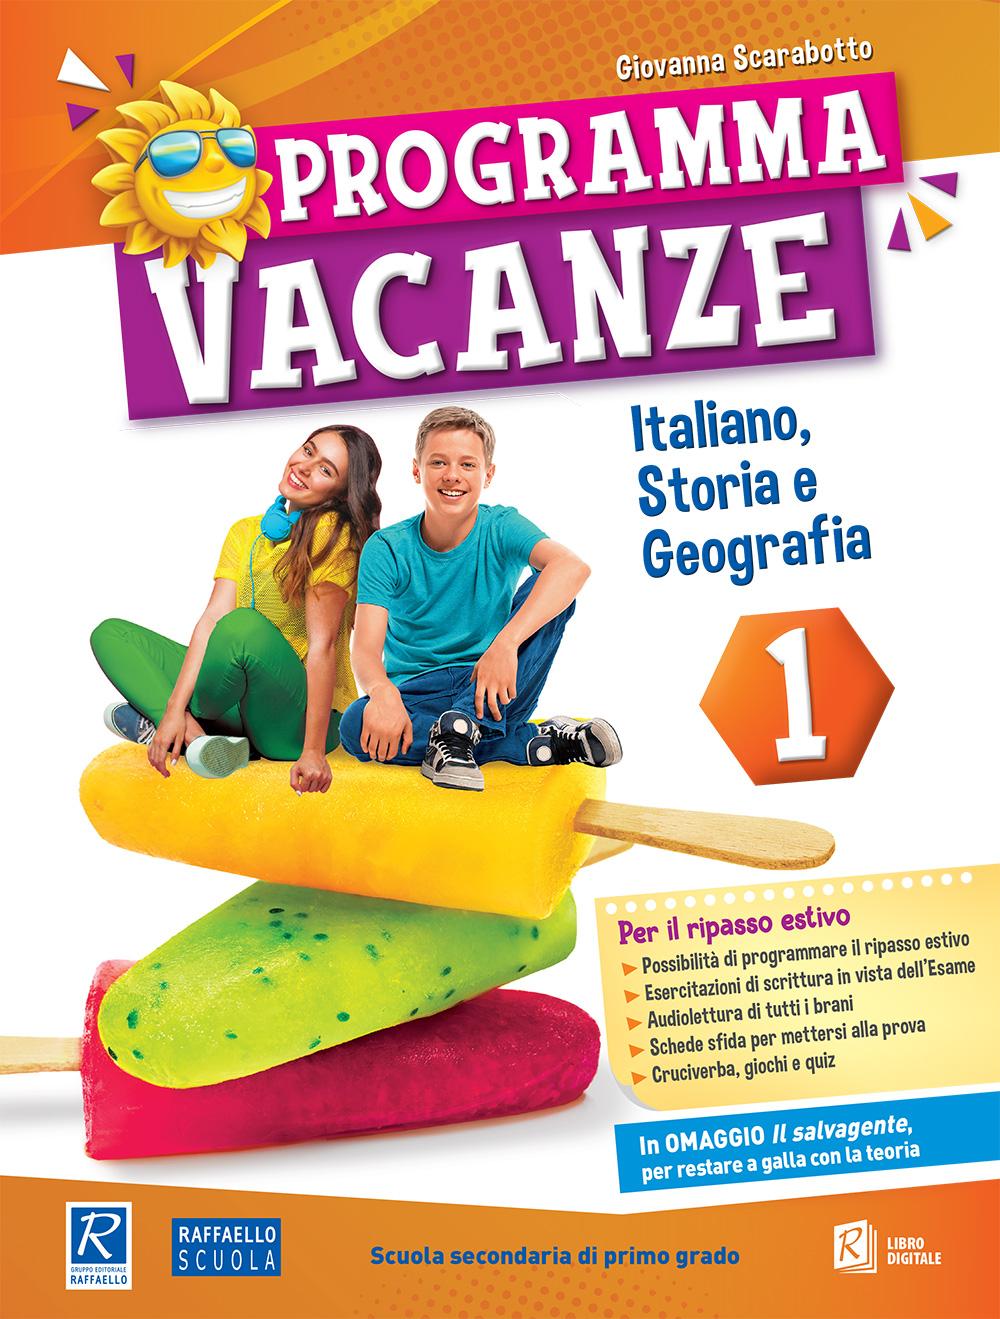 Programma Vacanze - Italiano, Storia e Geografia